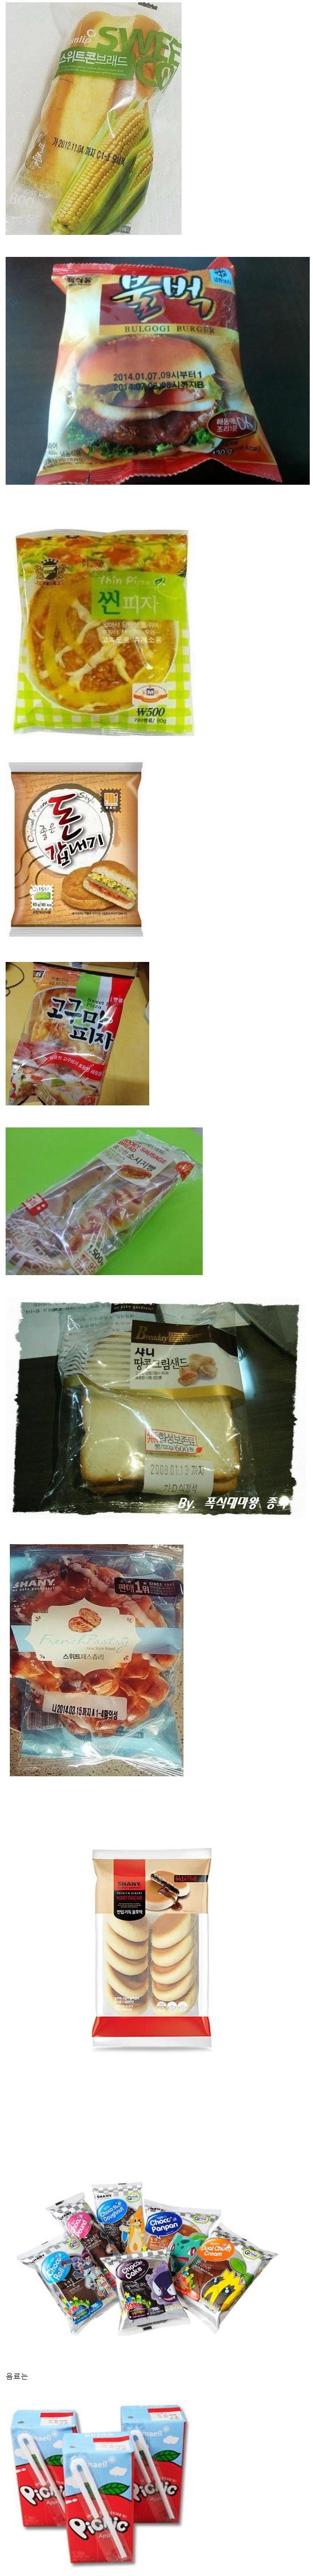 학교 매점에서 팔던 빵